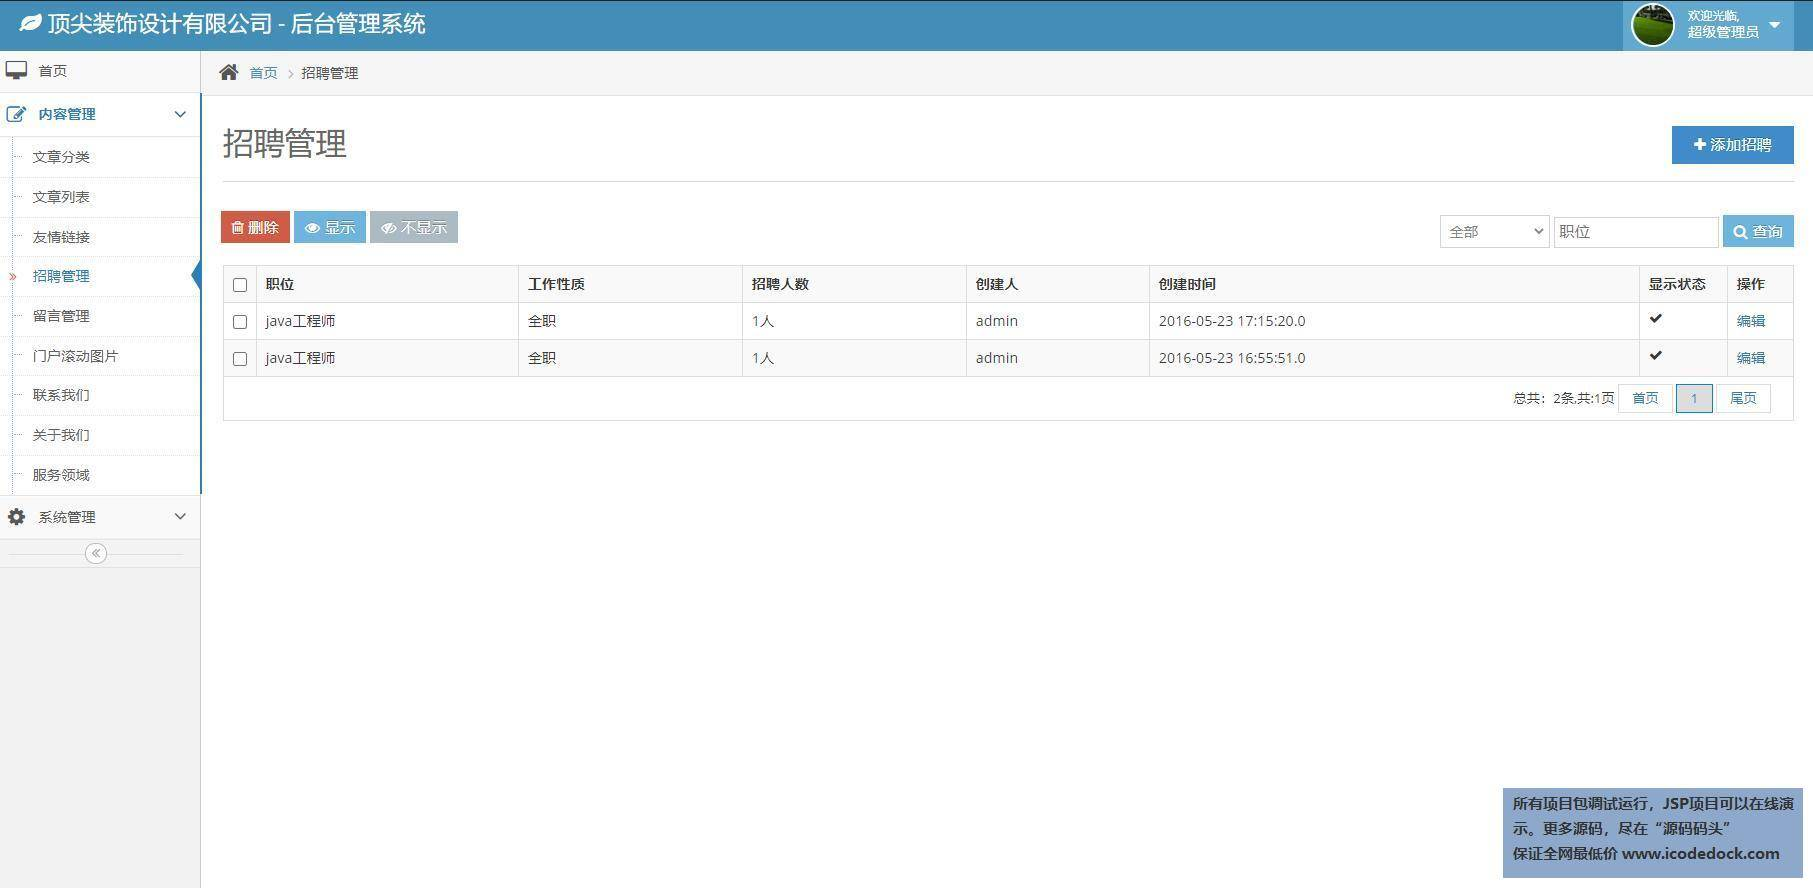 源码码头-SSM企业门户网站-管理员角色-招聘管理